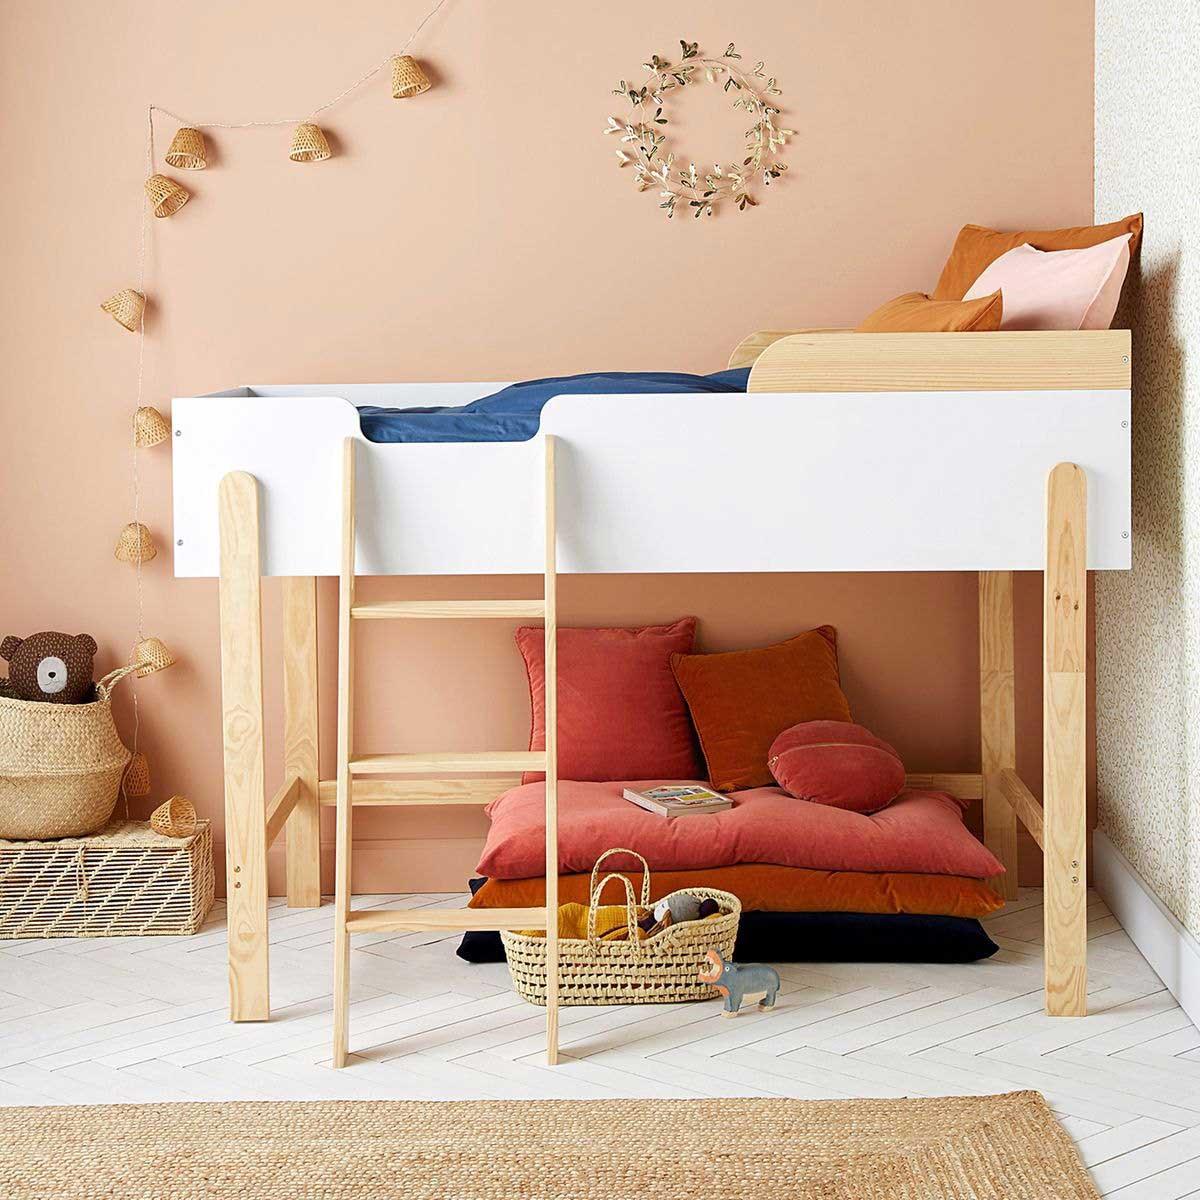 Lit mezzanine enfant : 18 idées de couchage en hauteur